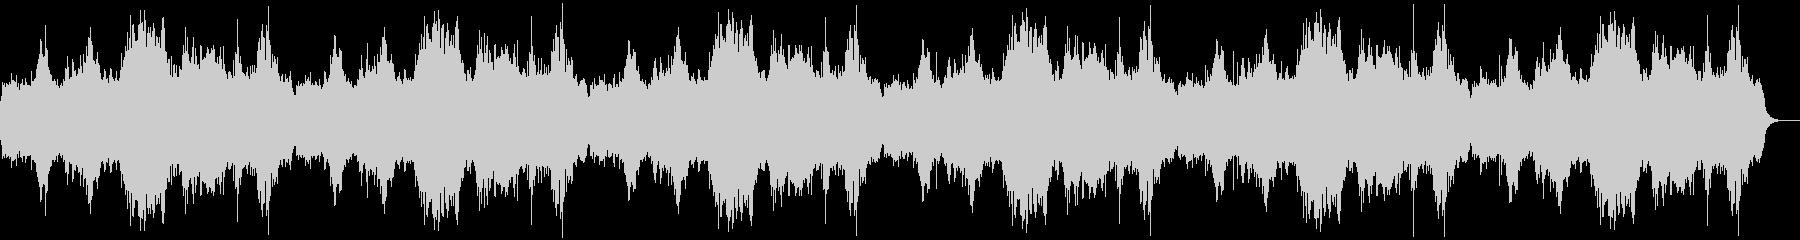 神秘的な森・神殿の環境音2の未再生の波形